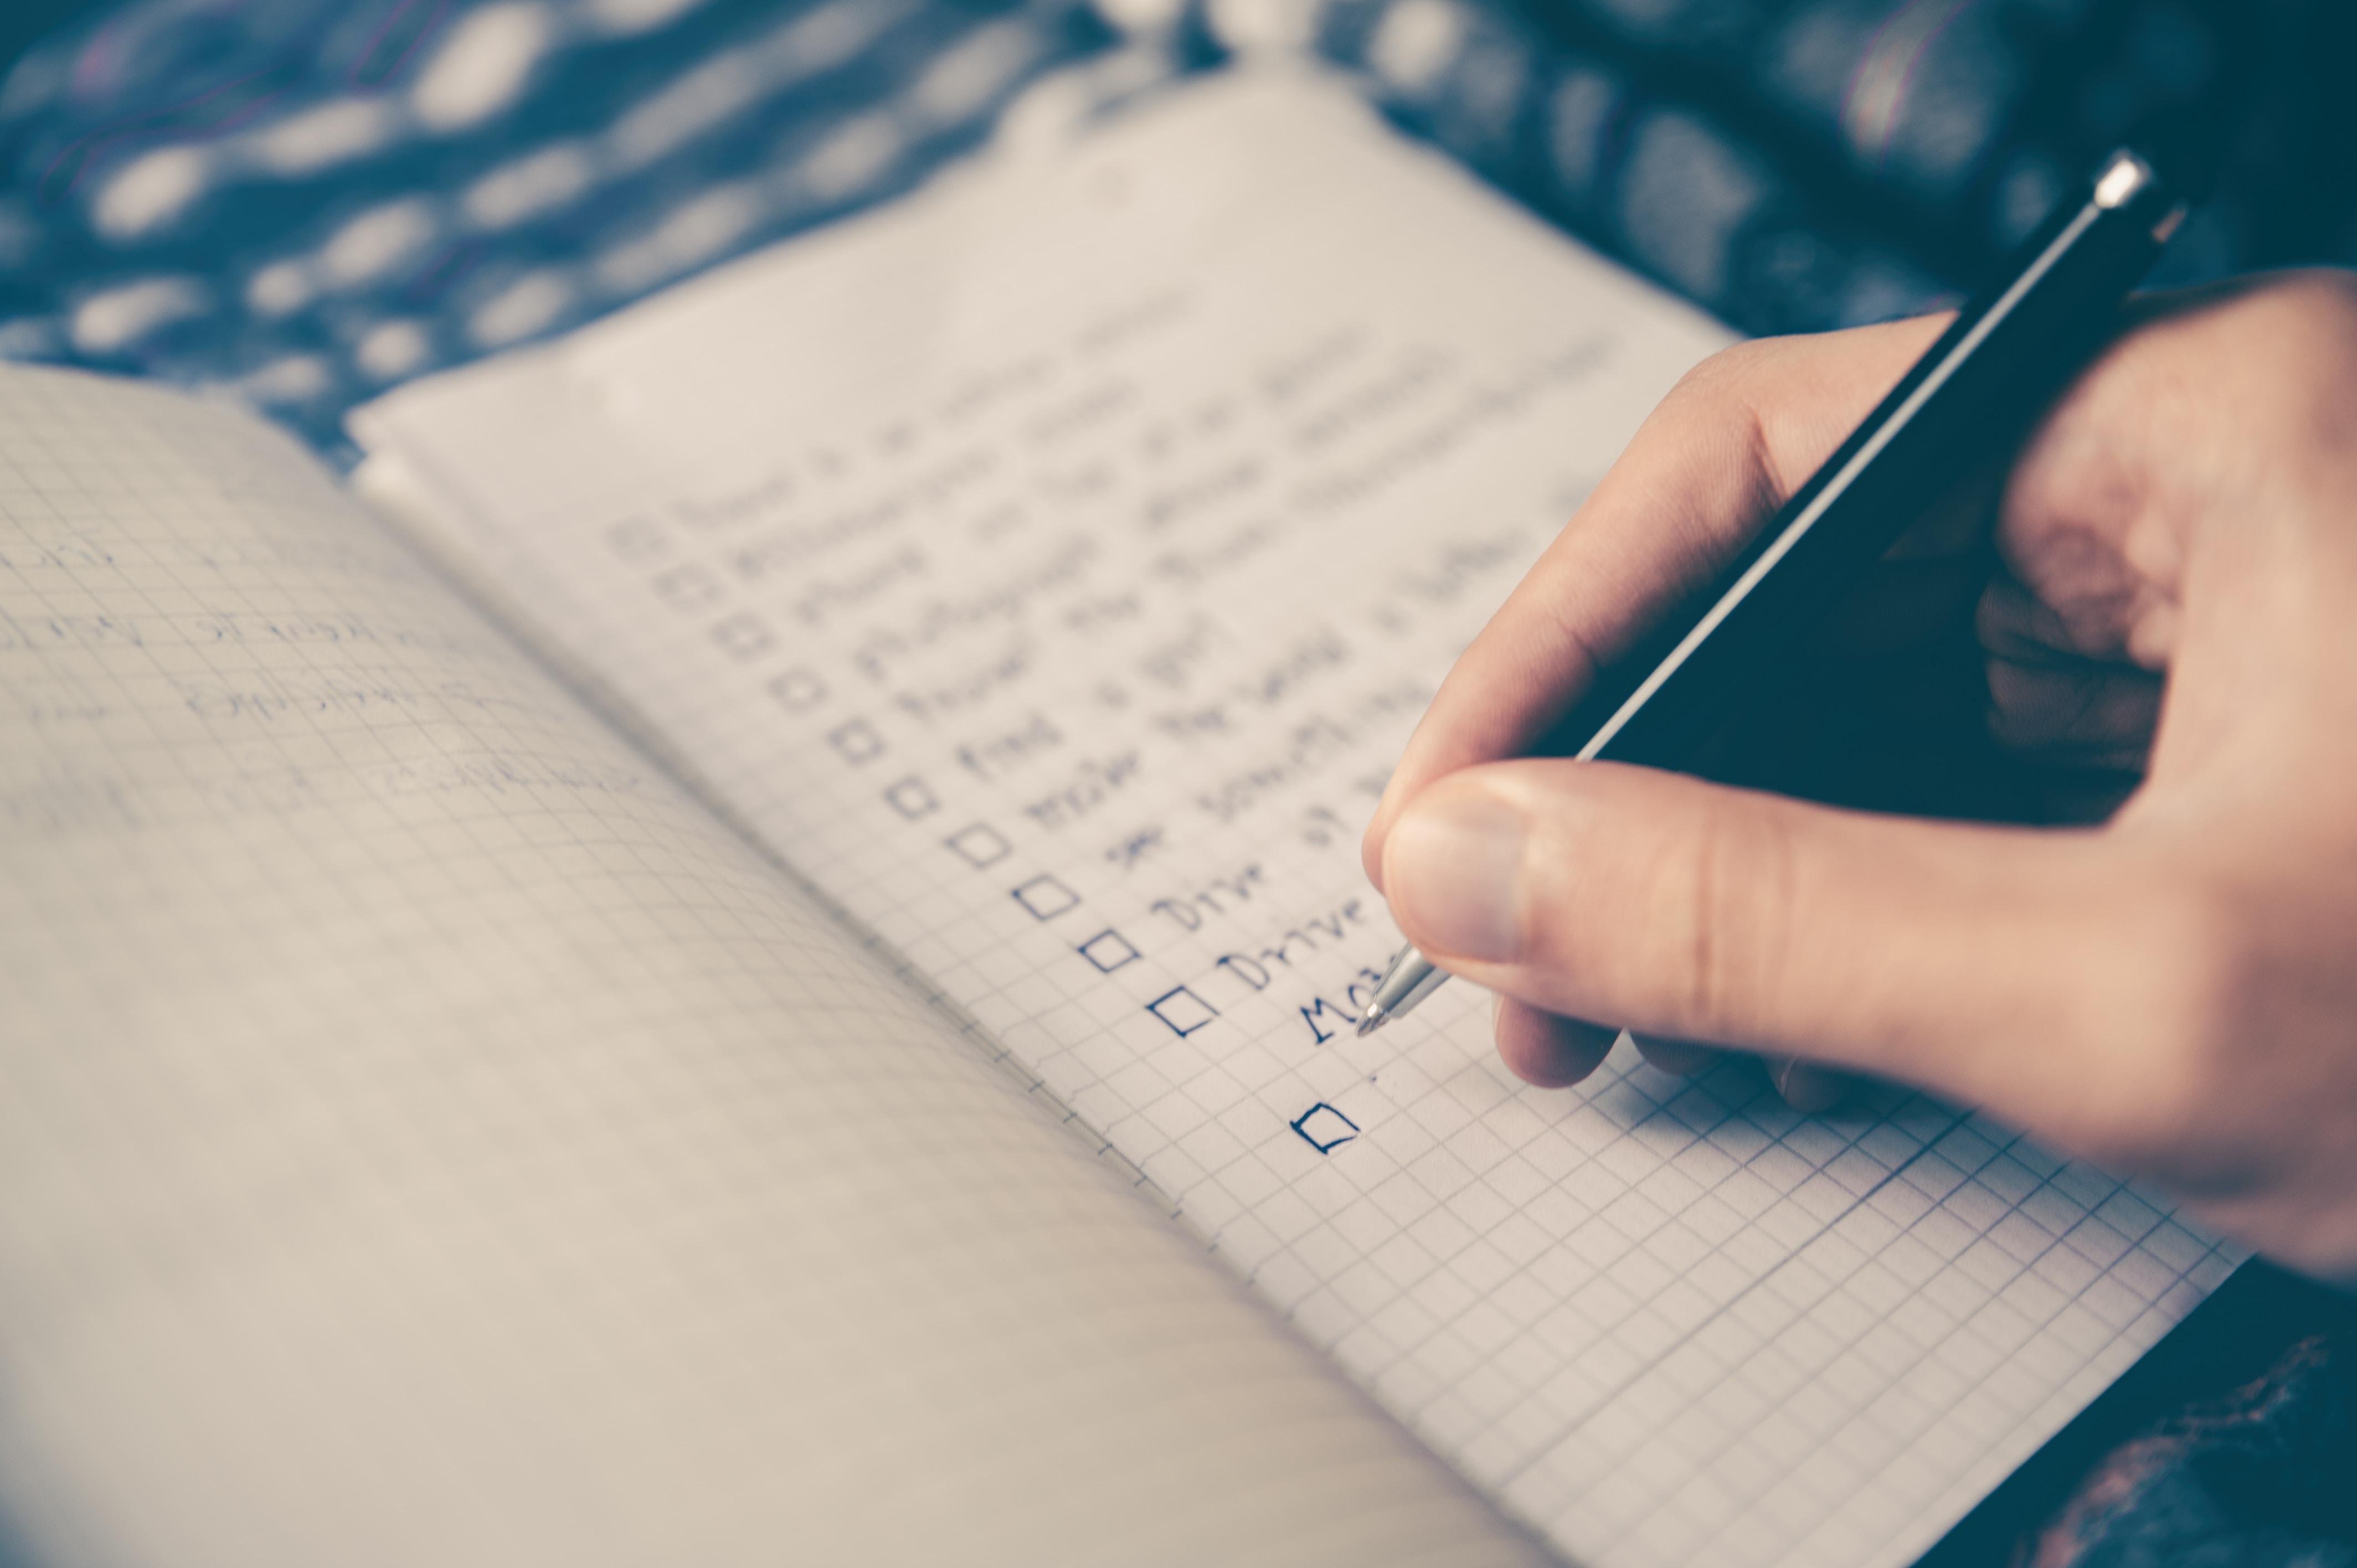 Checklist gemaakt voor een ceremoniemeester van een bruiloft